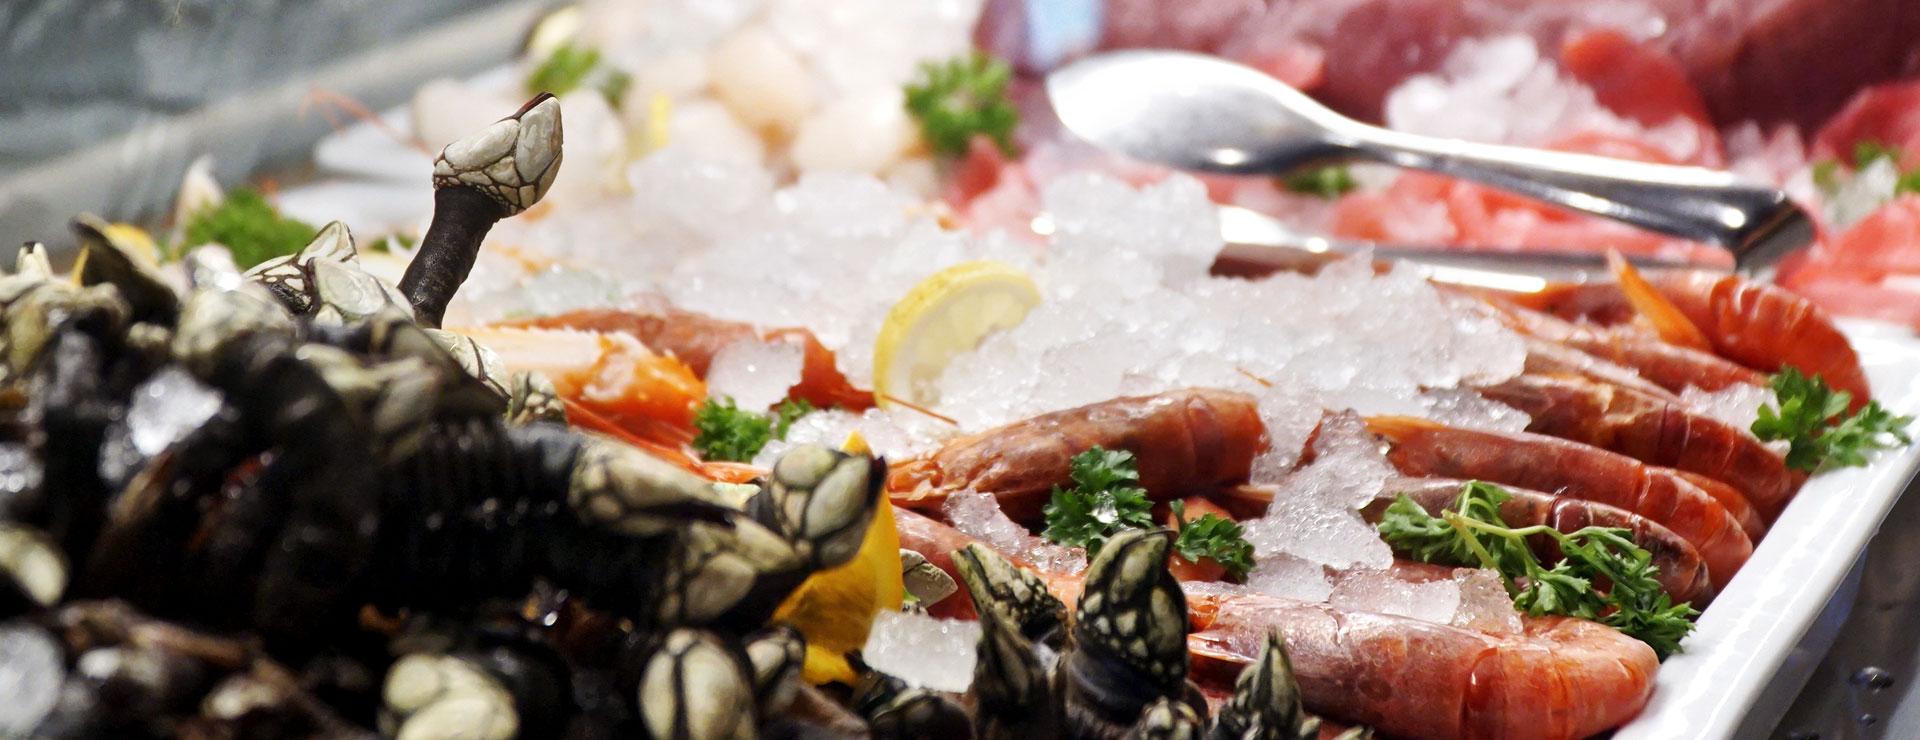 gastronomia crostacei e crudi di pesce